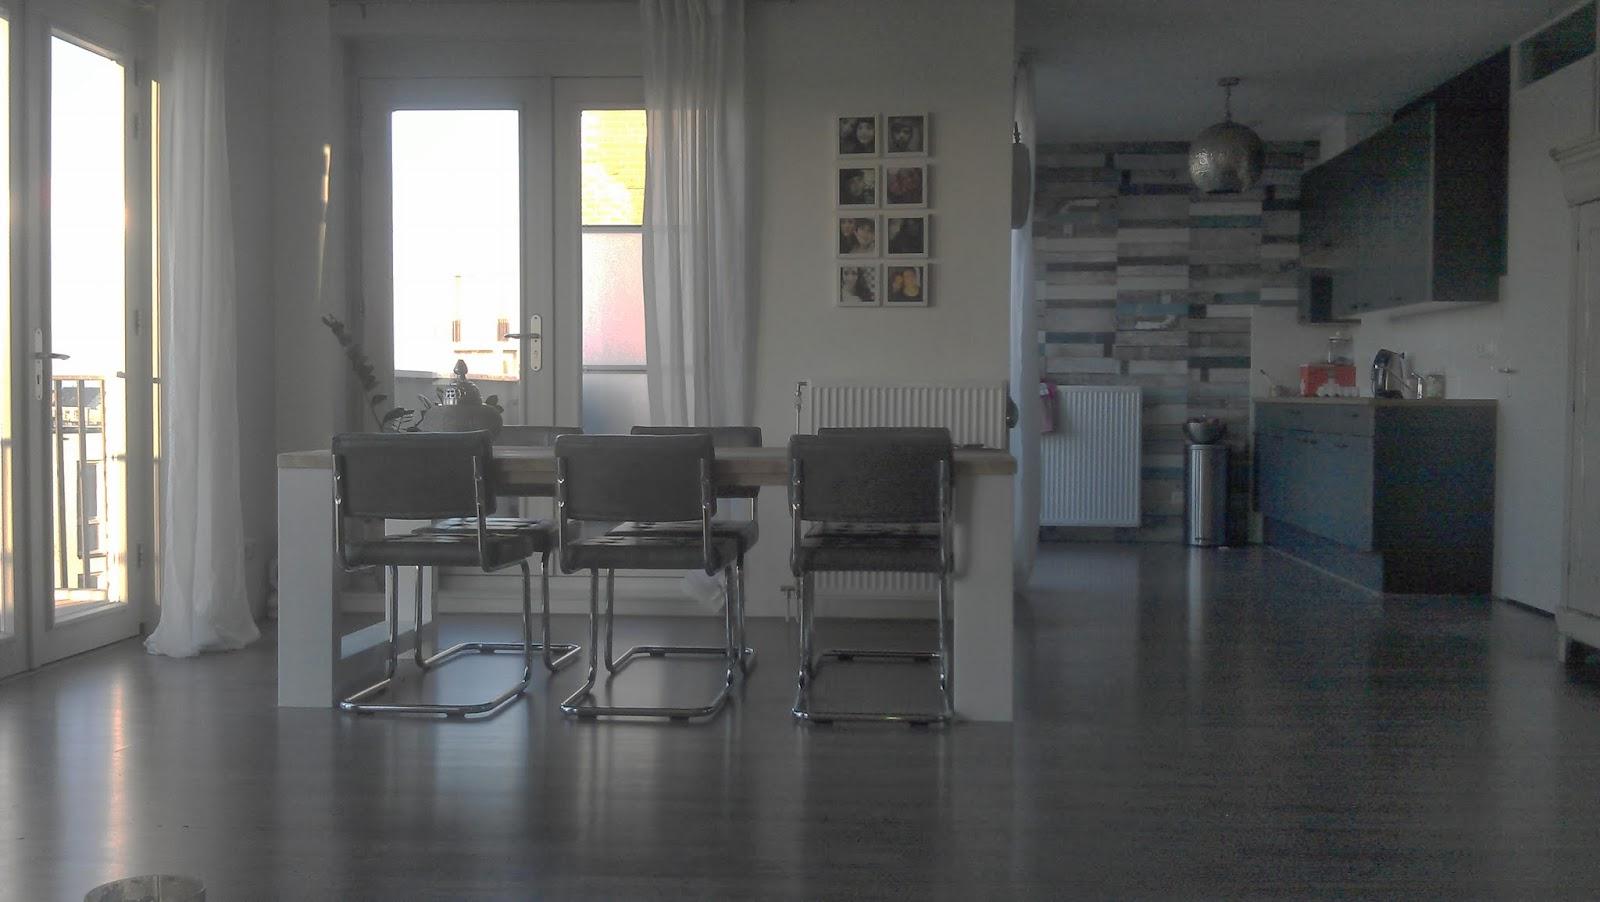 Eetkamerstoelen Felle Kleuren : Let op het lijnenspel tussen de ...